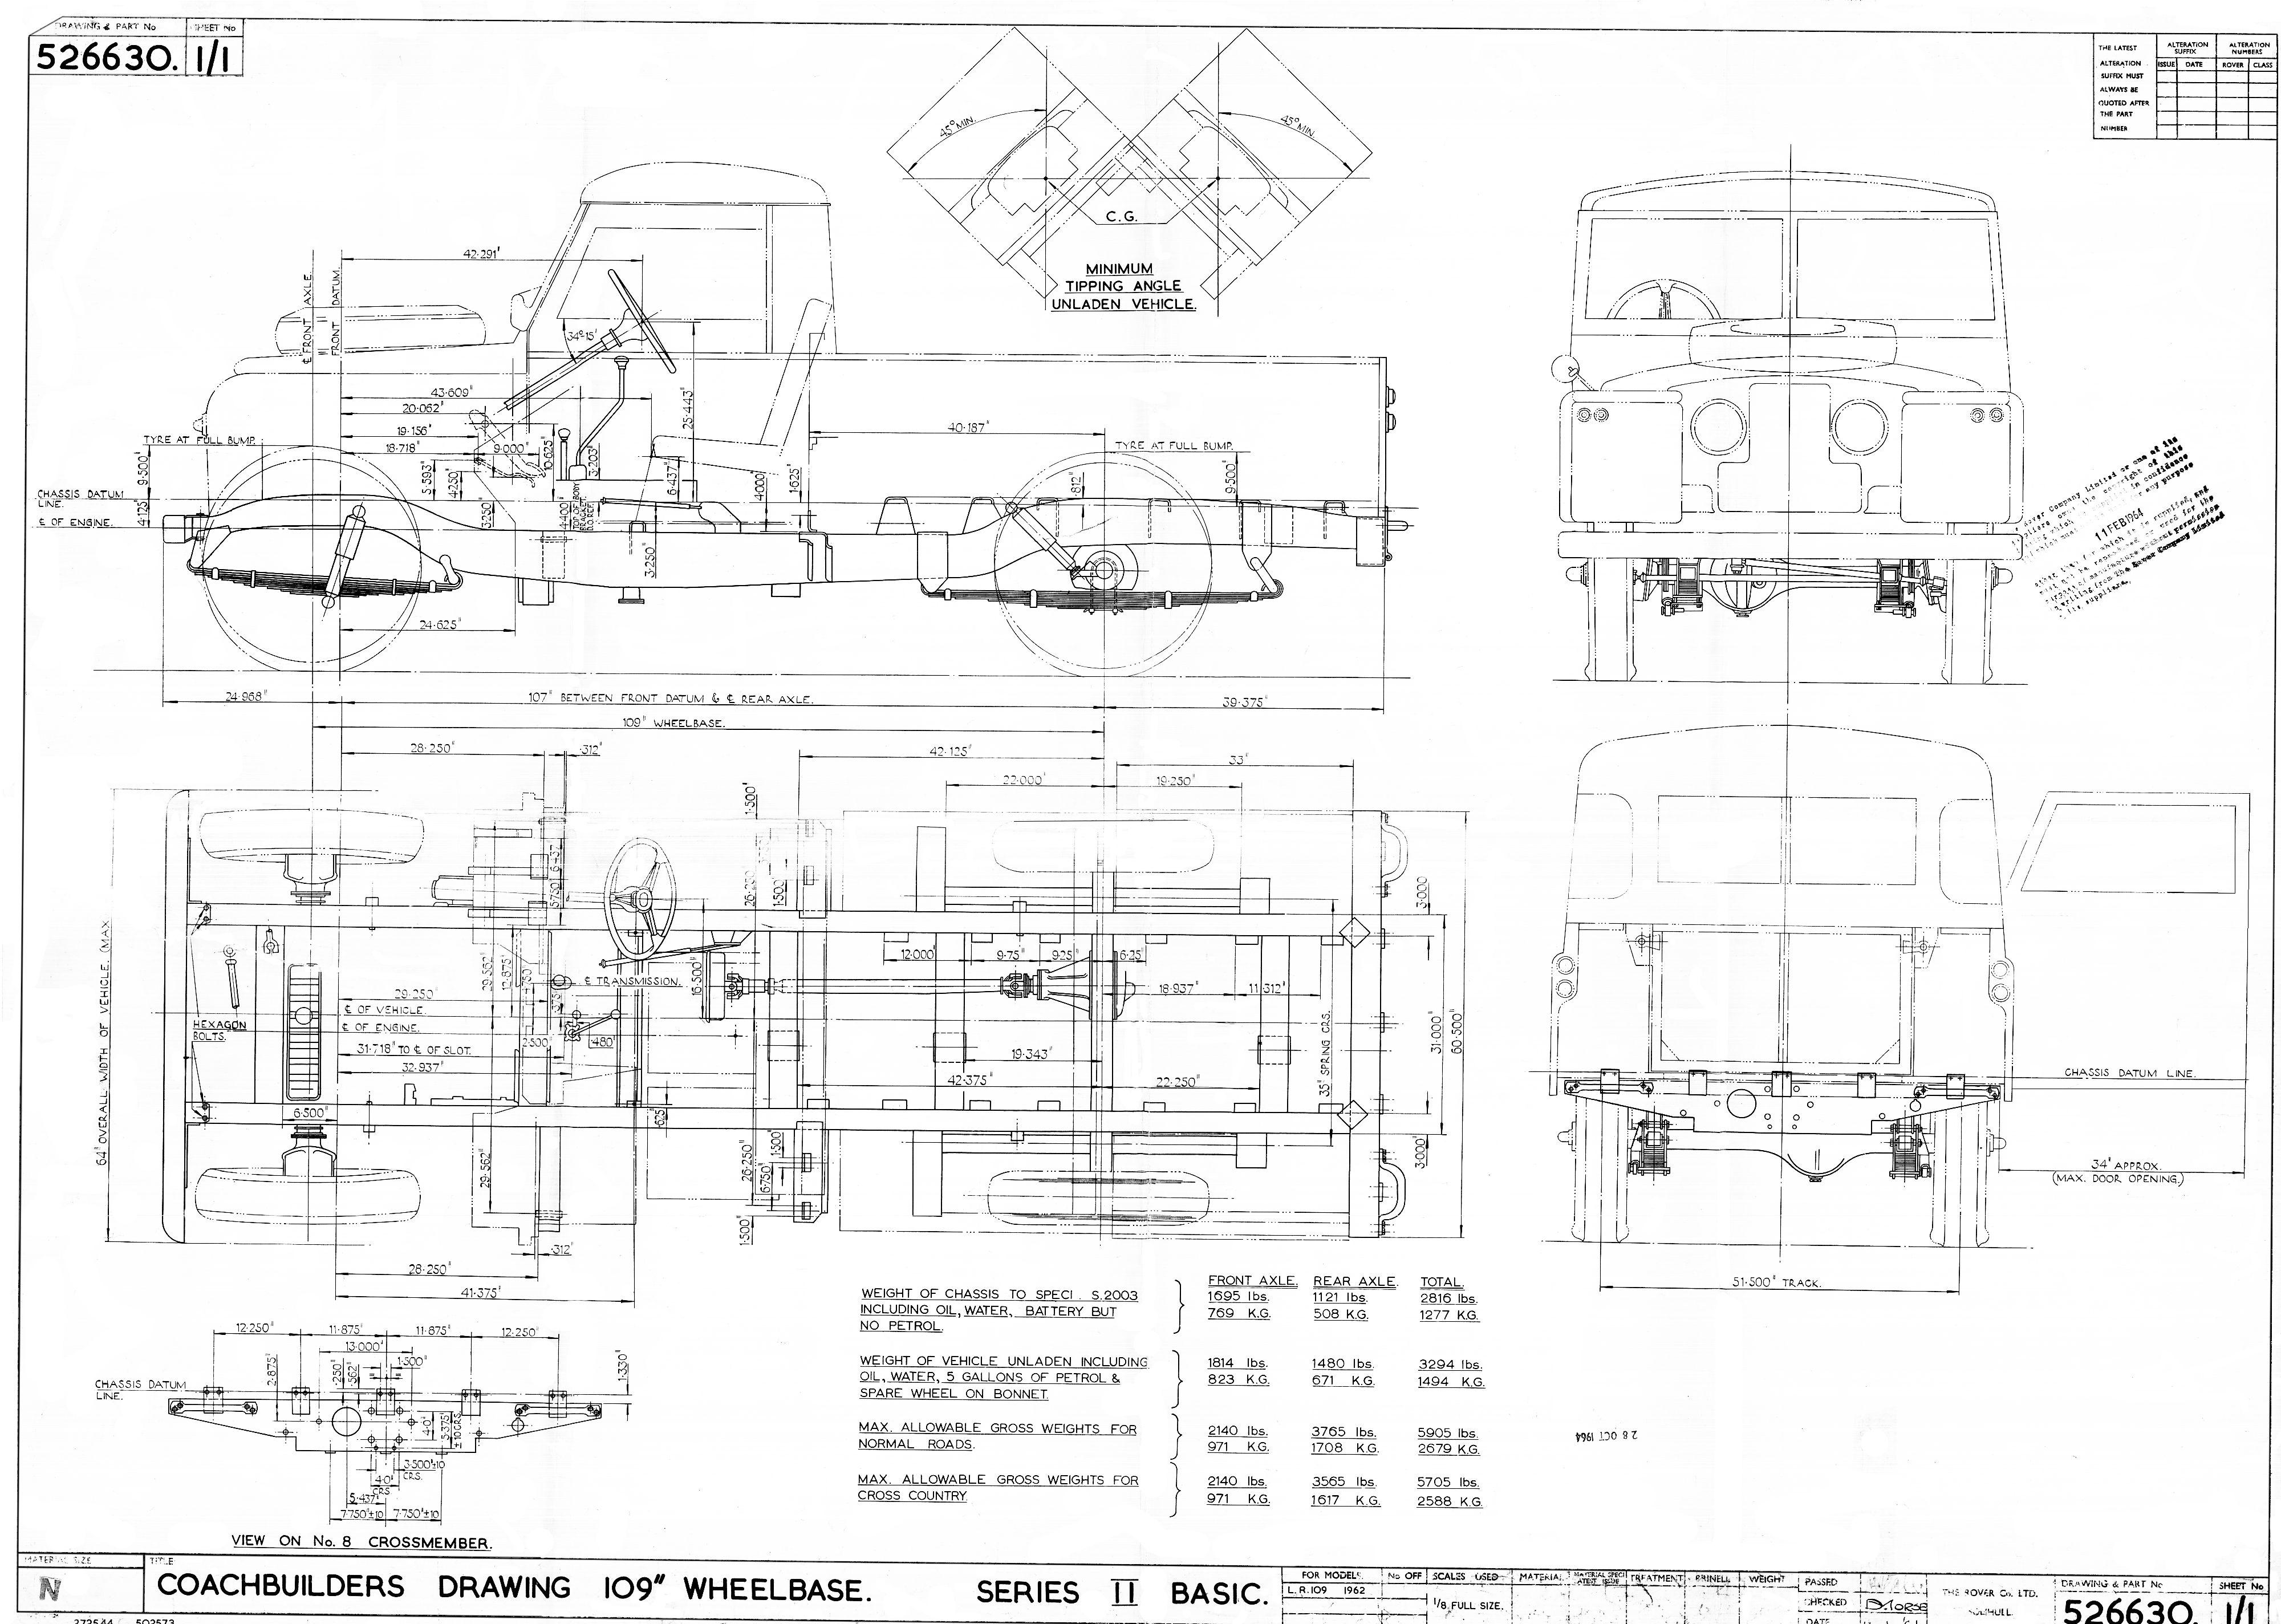 gb repair iii series page petrol landrover catalog en diesel iia rover land manual haynes parts ii